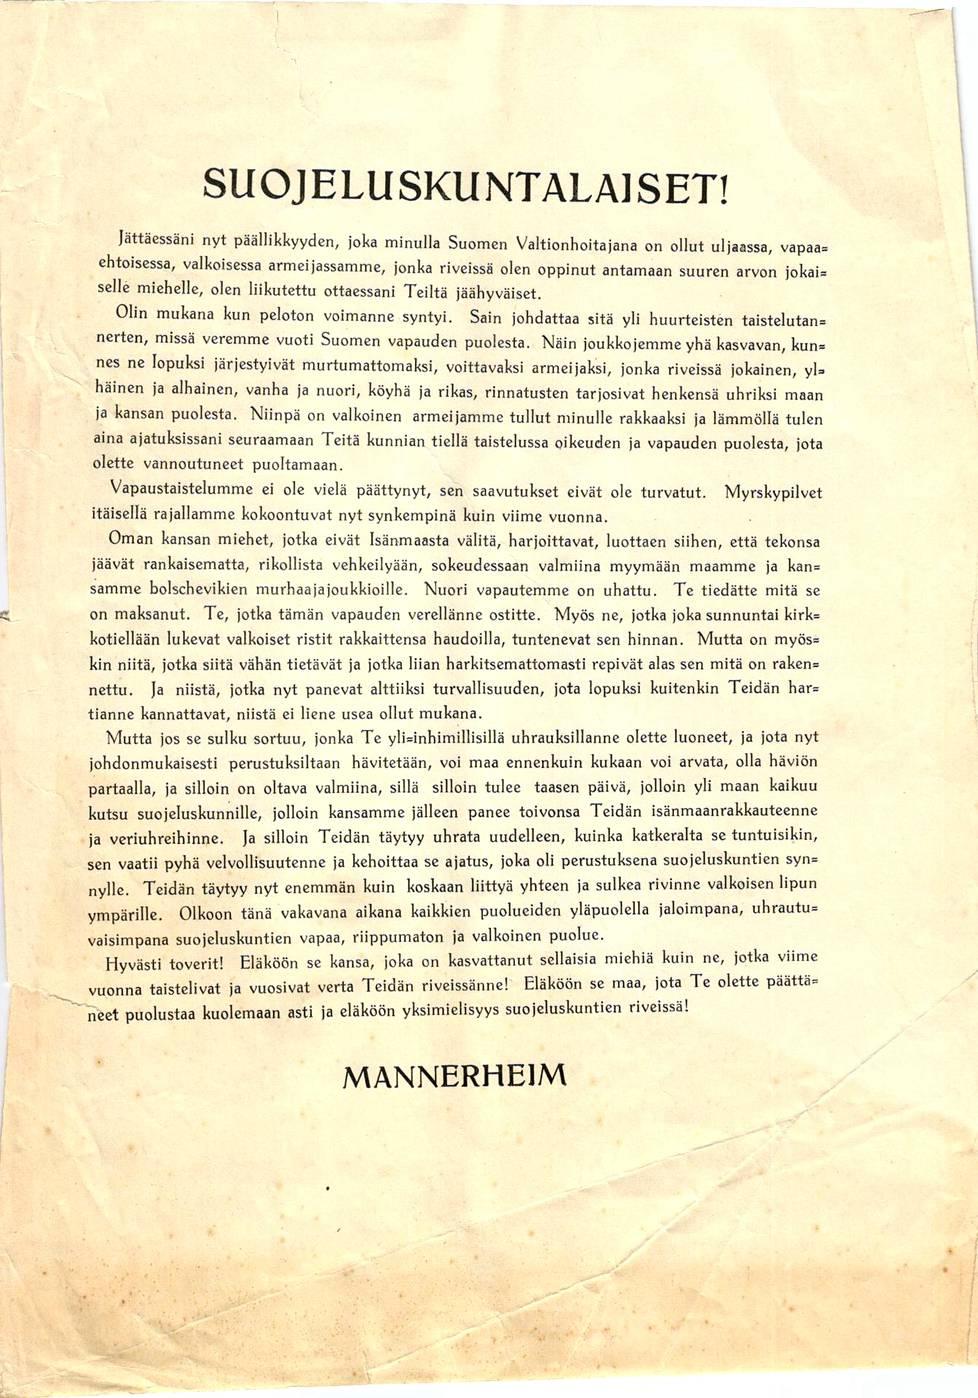 Mannerheimin erosi ylipäällikkyydestä toukokuussa 1918. Näin hän kirjoitti suojeluskuntalaisille.